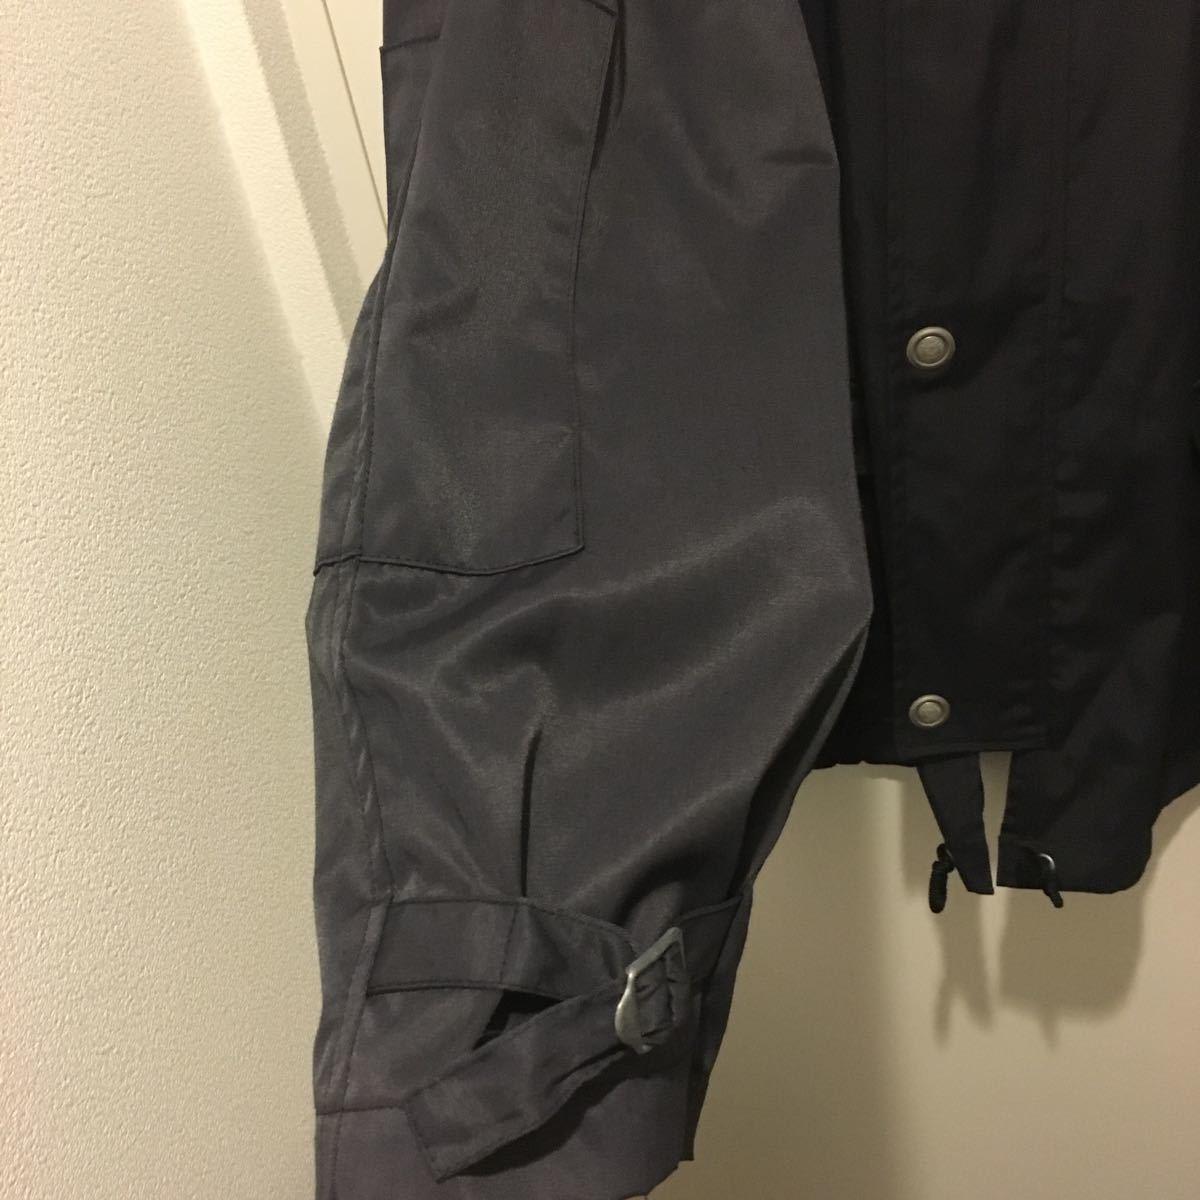 hot sale online 2c7b6 dddc1 80s 90s armani jeans コート アルマーニ ジーンズ ヴィンテージ ...